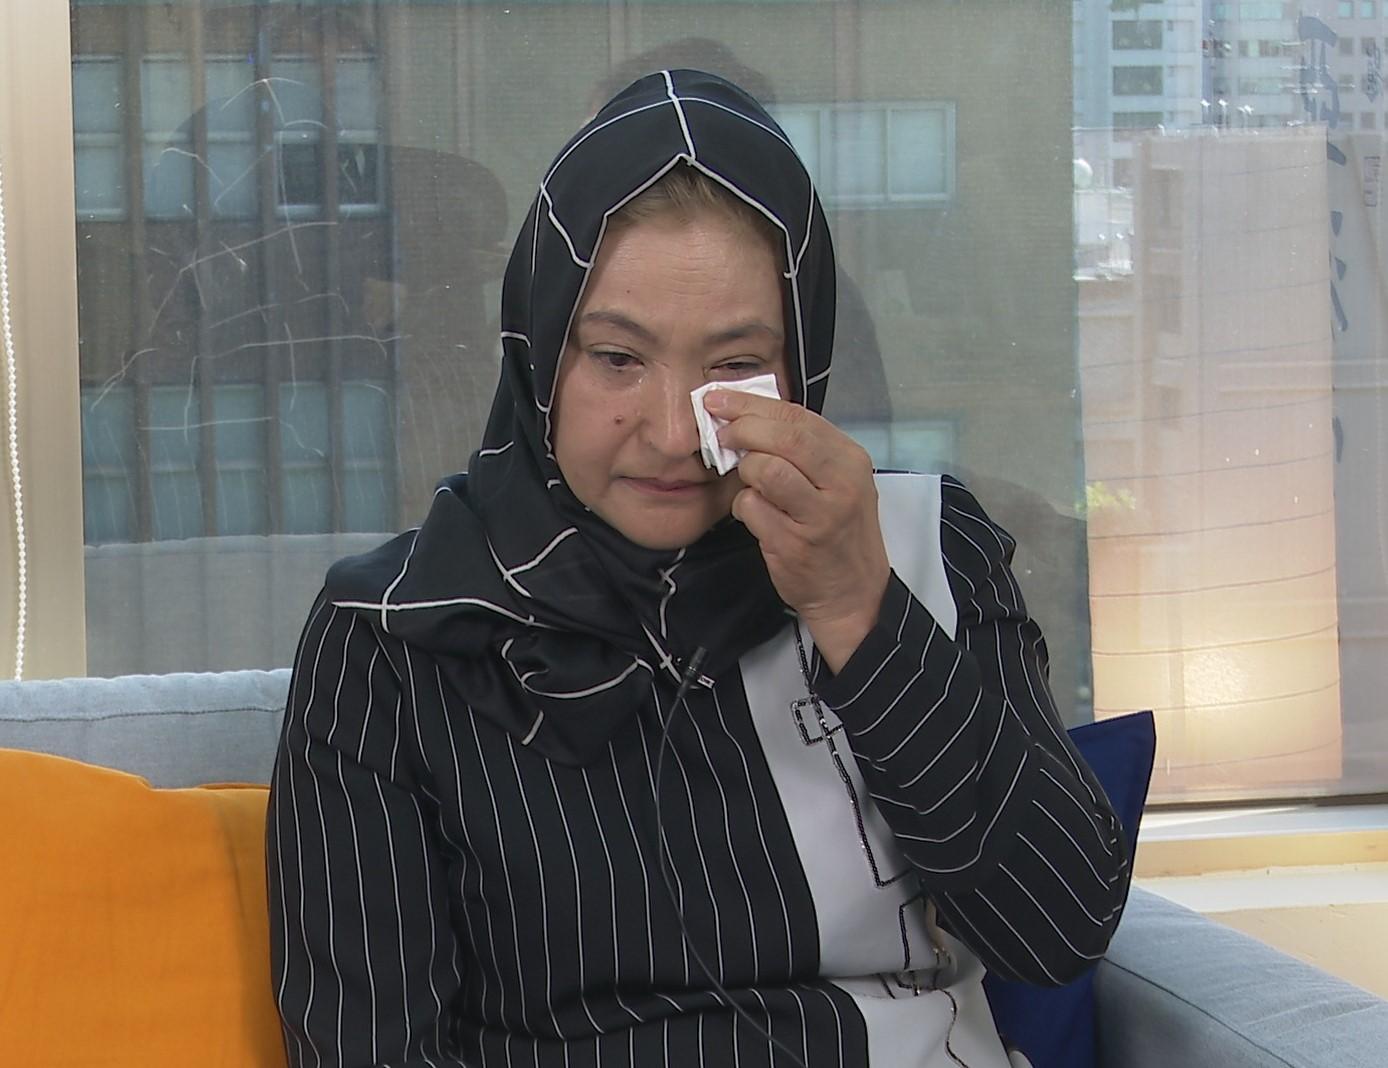 维吾尔族女性古力巴哈想起再教育营的不堪回忆,泪流满面。(李宗翰摄影)